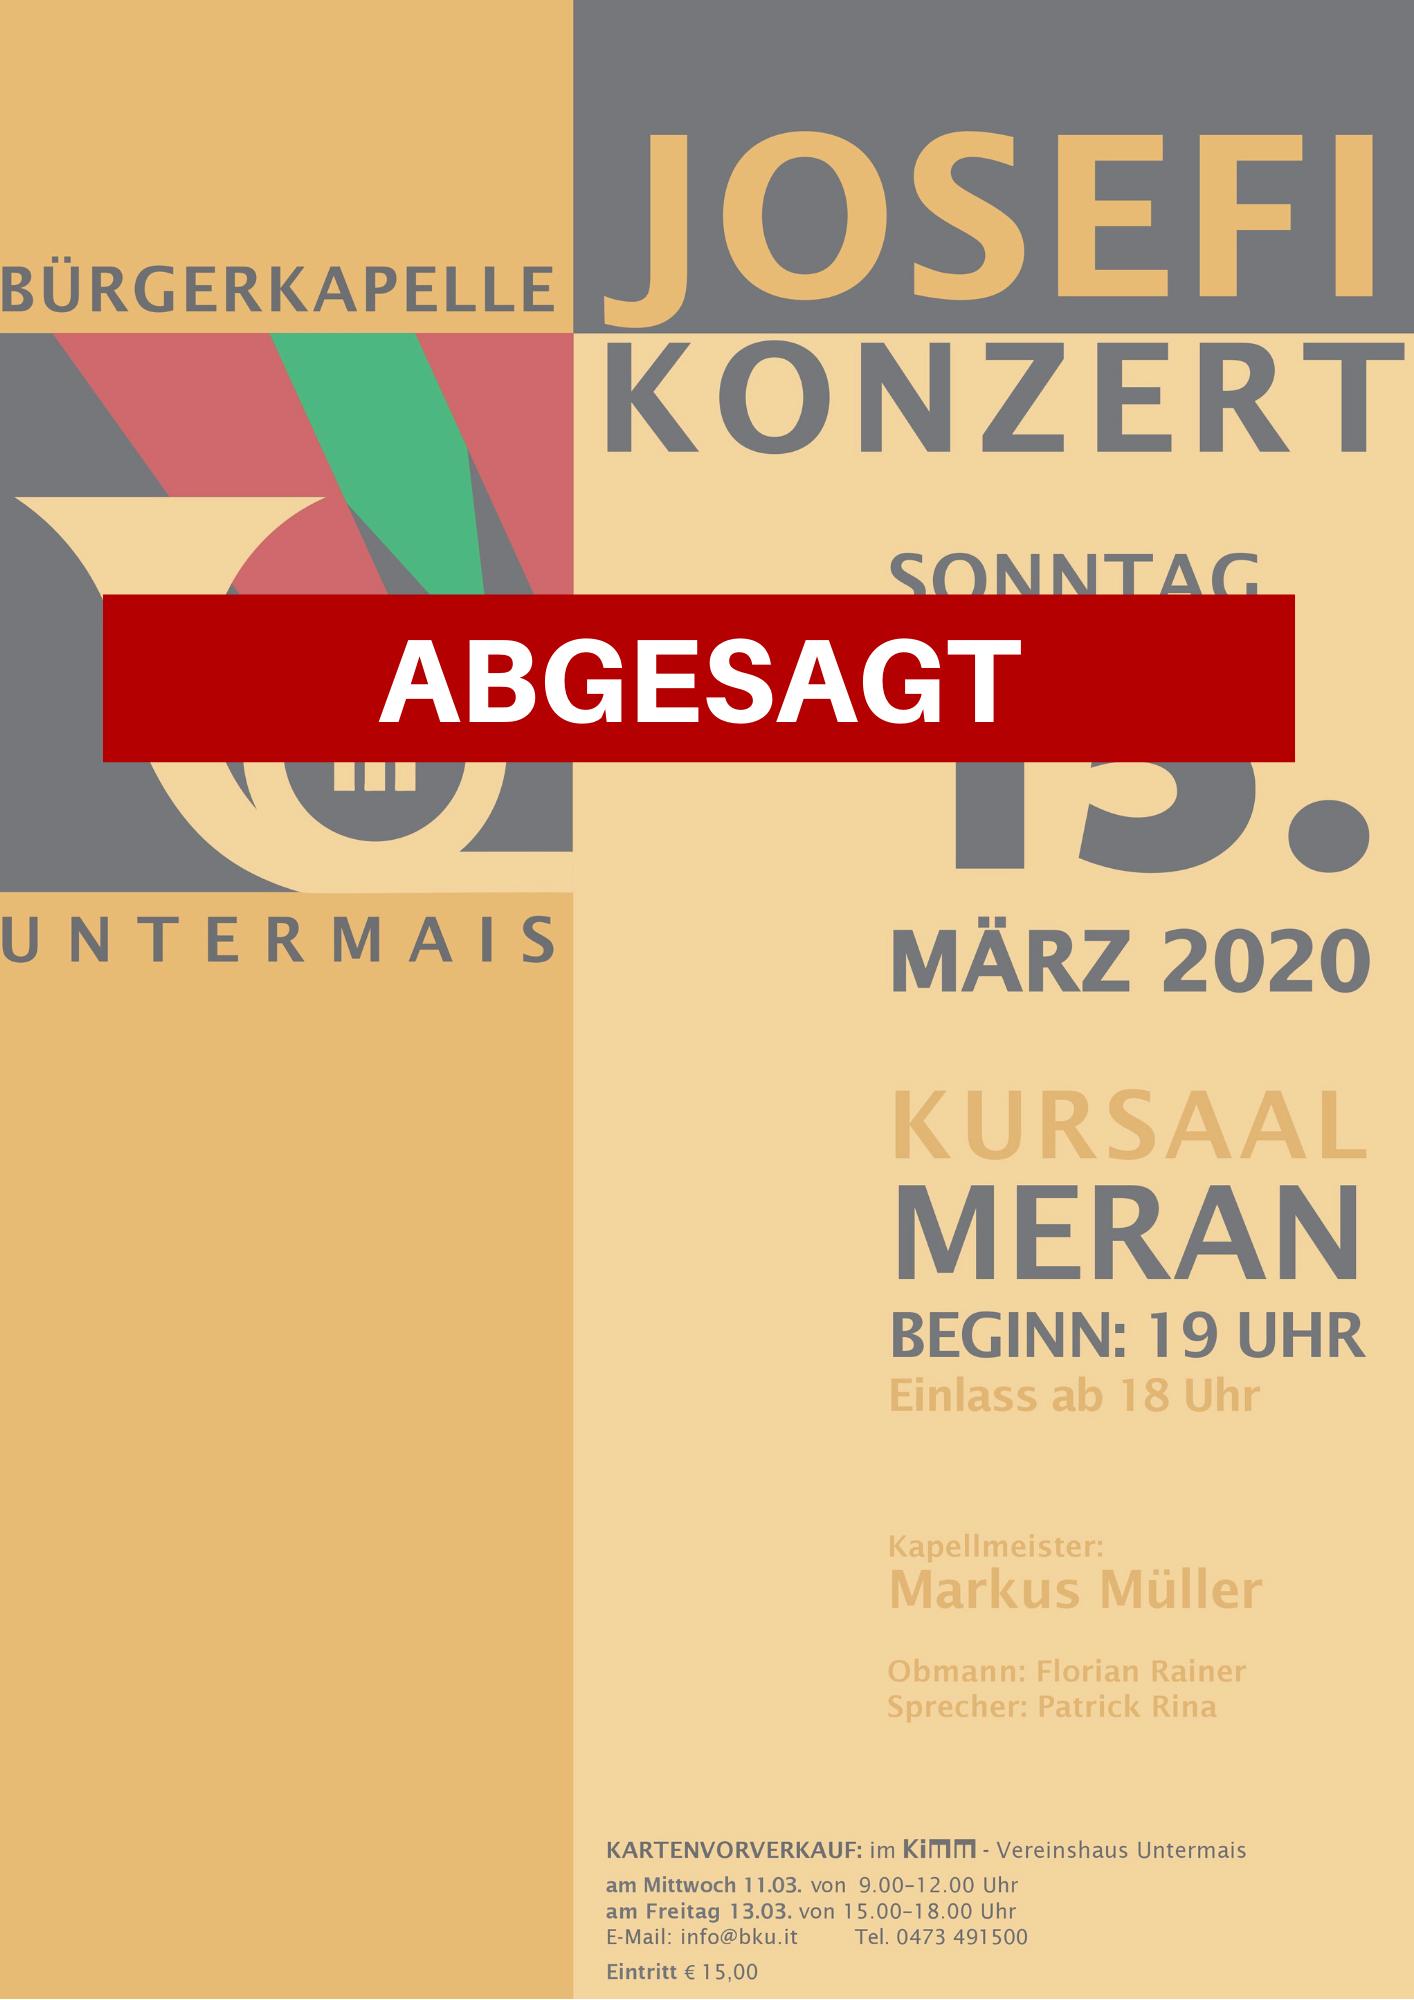 jk-2020-abgesagt-xl